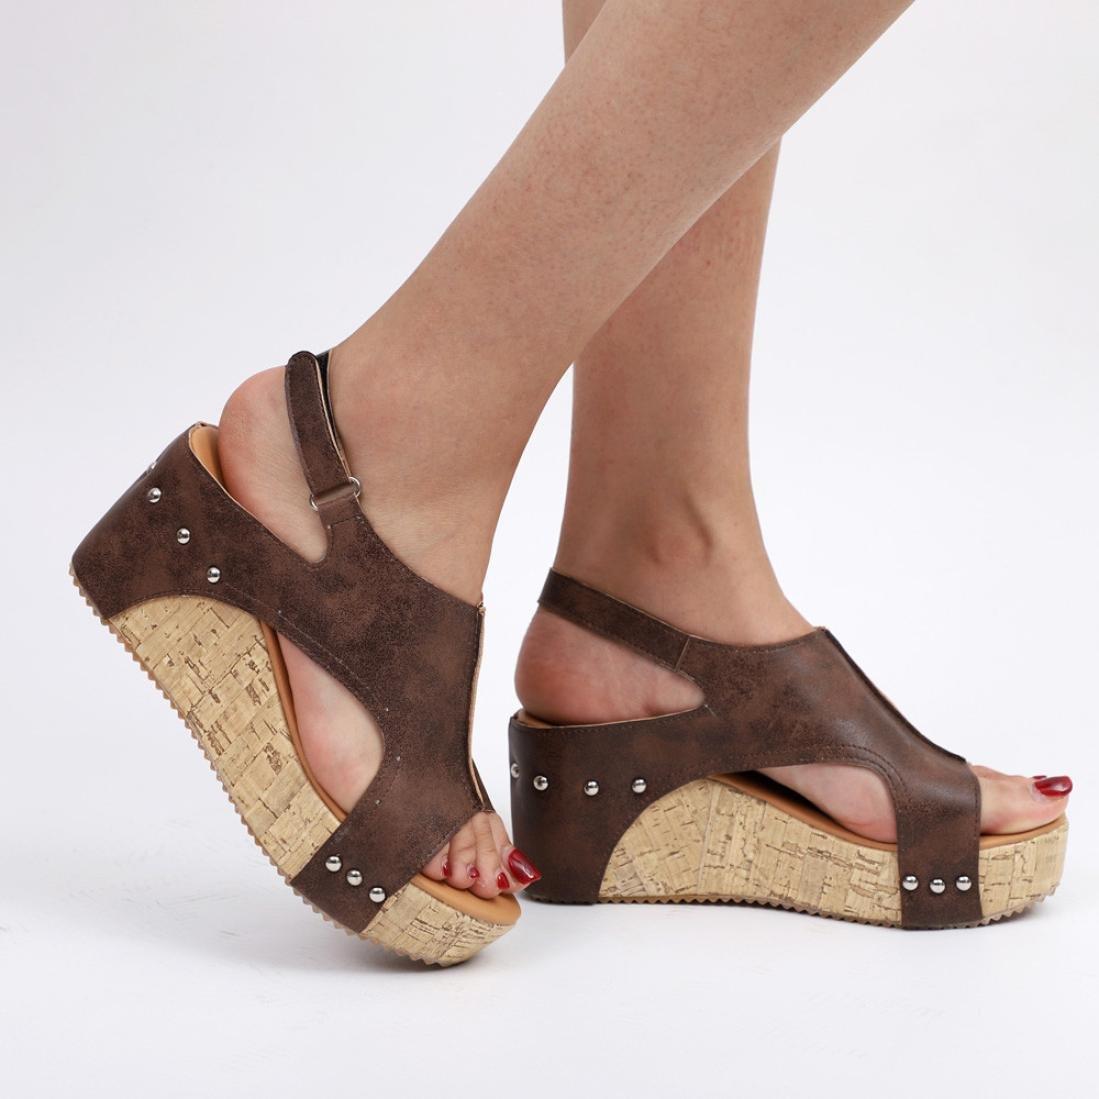 BBSLT Tête Pointue Des Sandales Femme Summer Petite Bouche Talons Hauts 10  Cm Ceinture Paquet Des Chaussures De Femme Trente Quatre Argenté 26 EU  Doublure ... 9ecc656d6b4